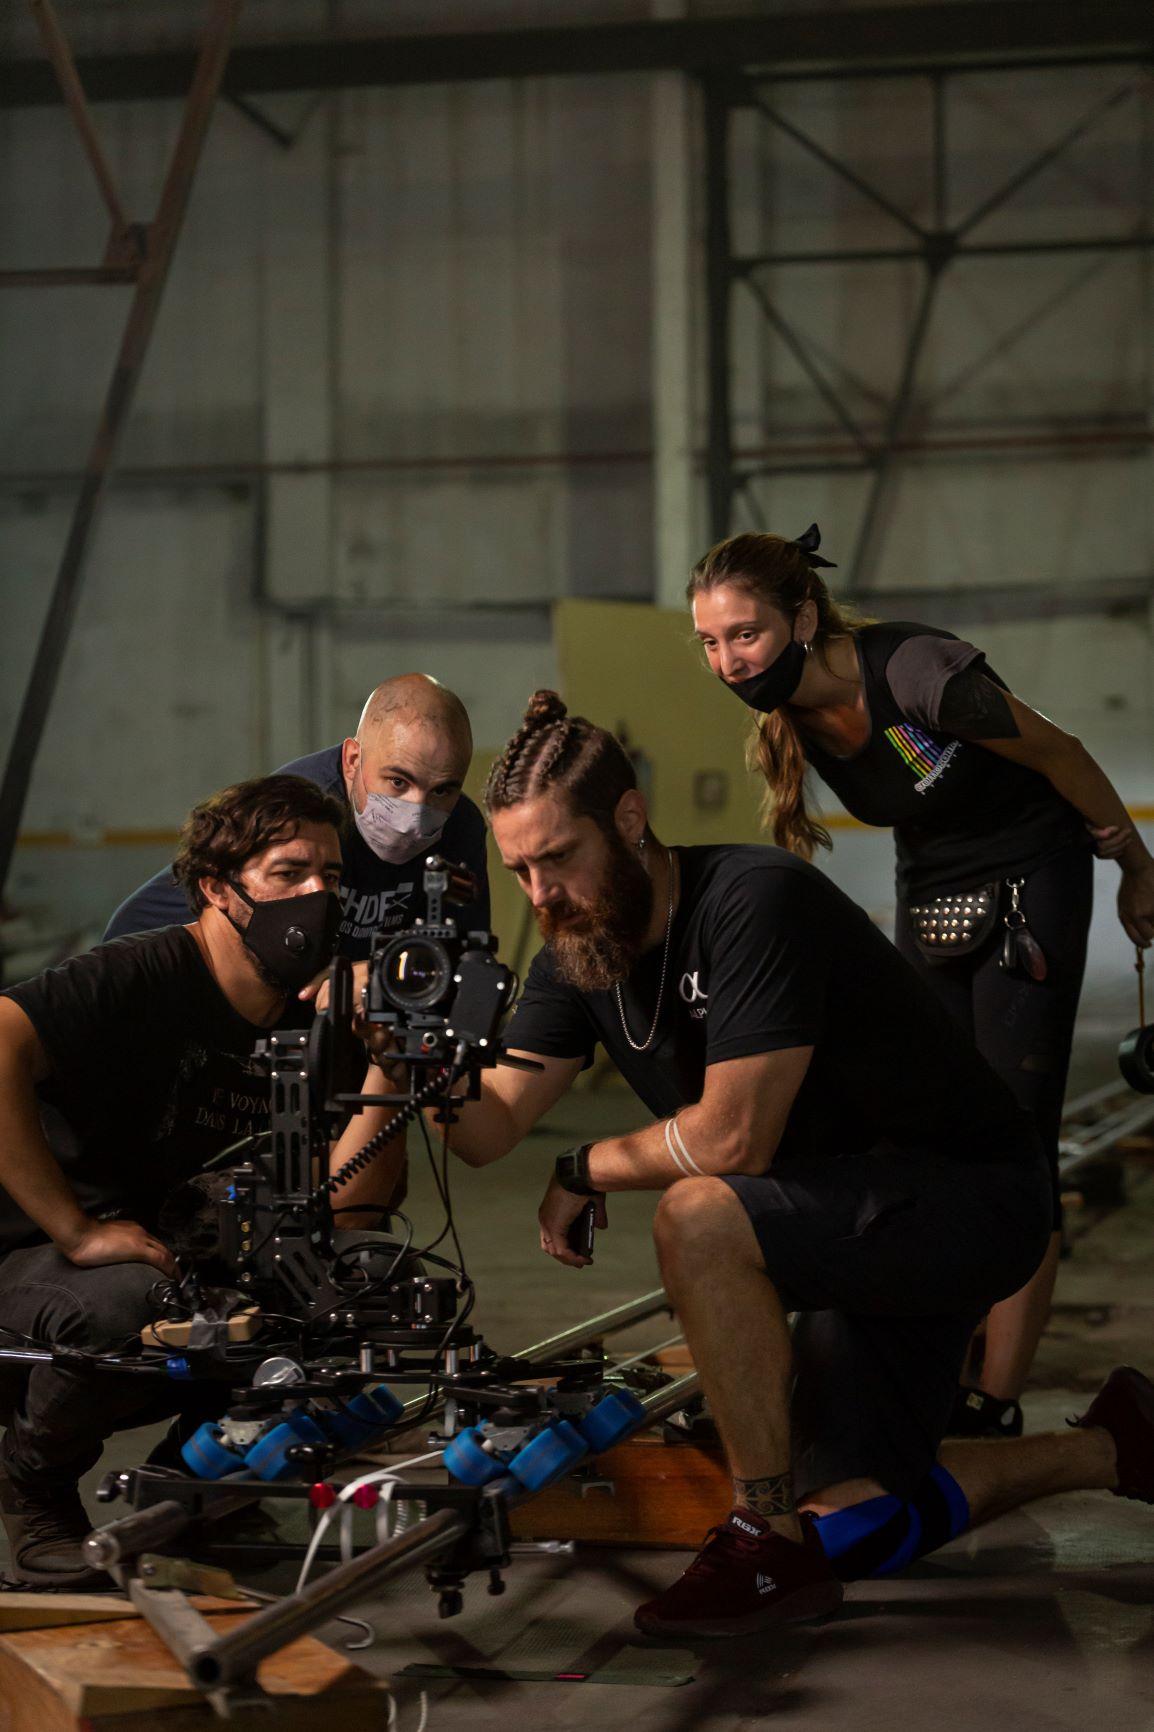 Estilo cinematográfico con Alpha 7S III por Mariano Dawidson